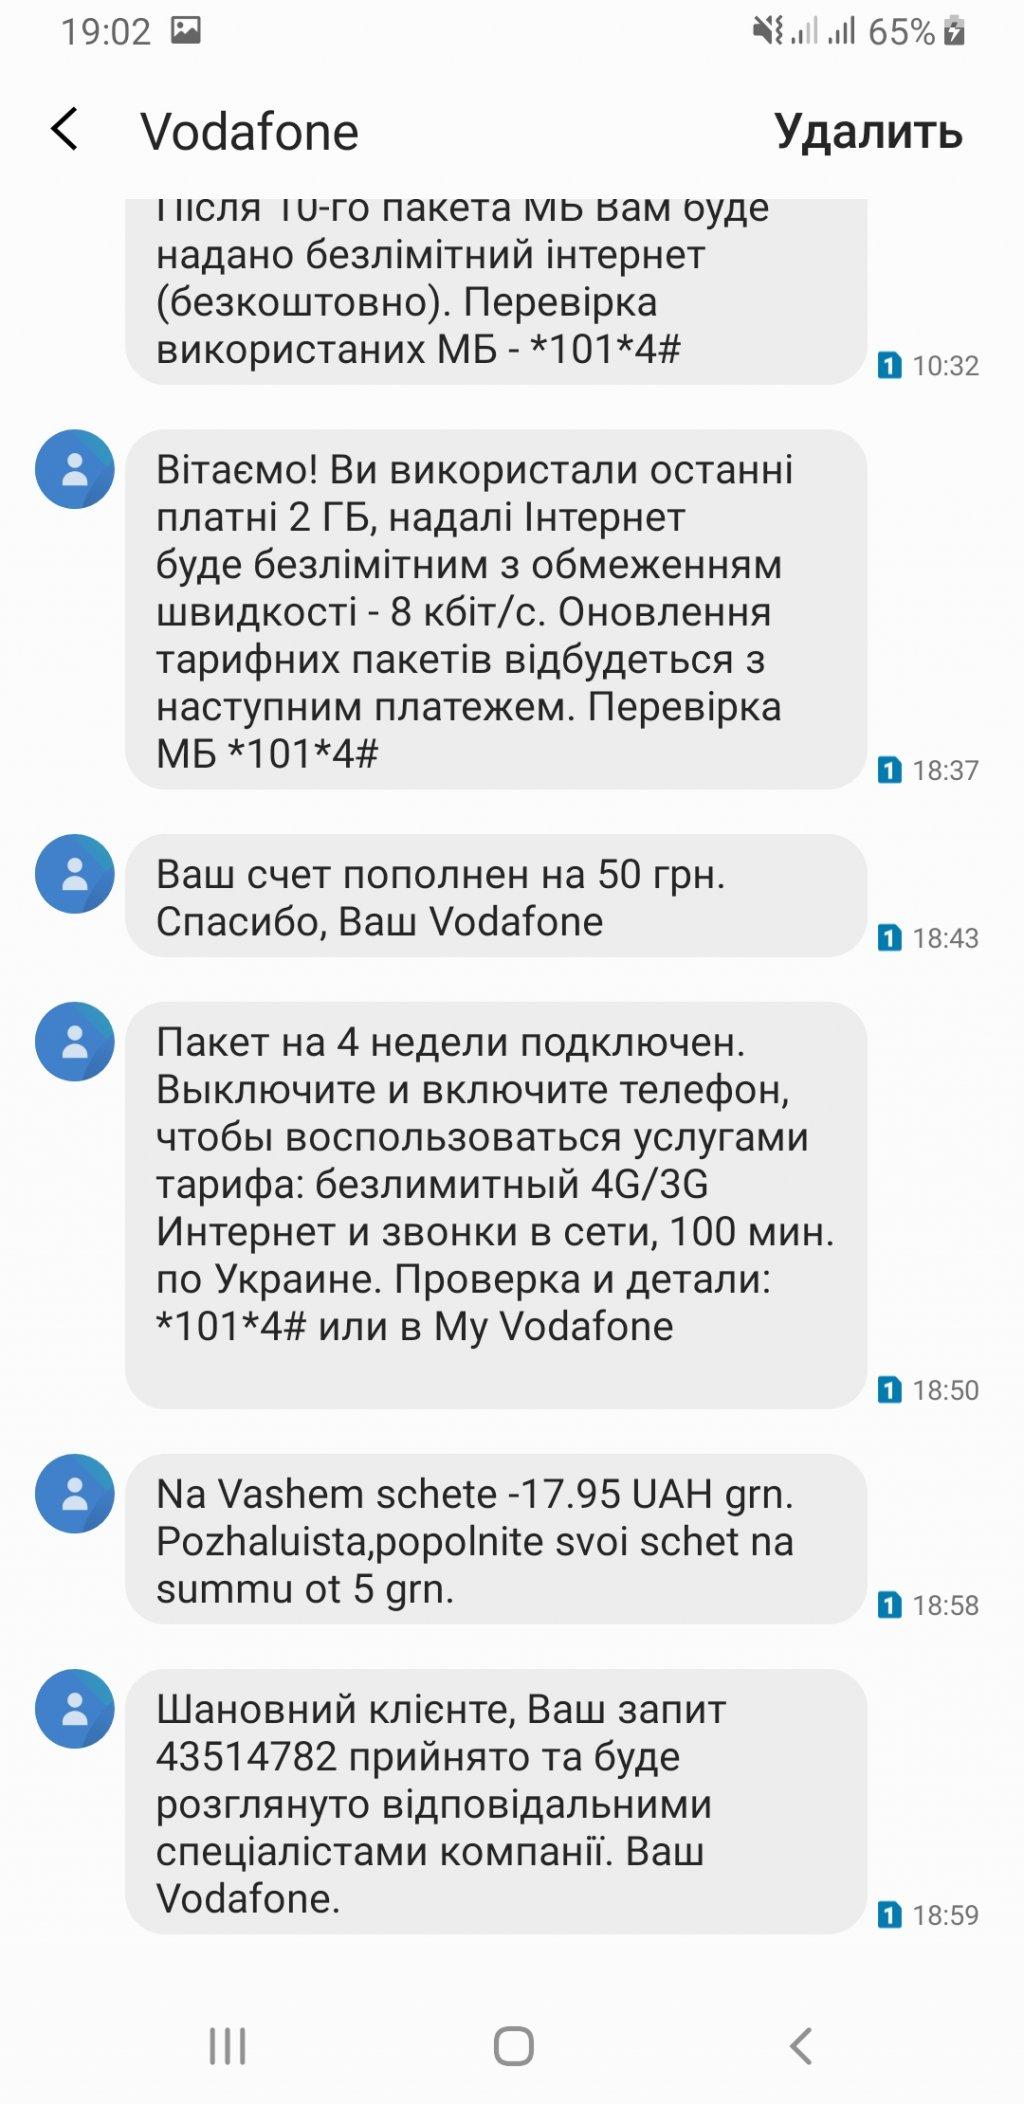 Vodafone Украина - Хуже интернета и связи не бывает!!!